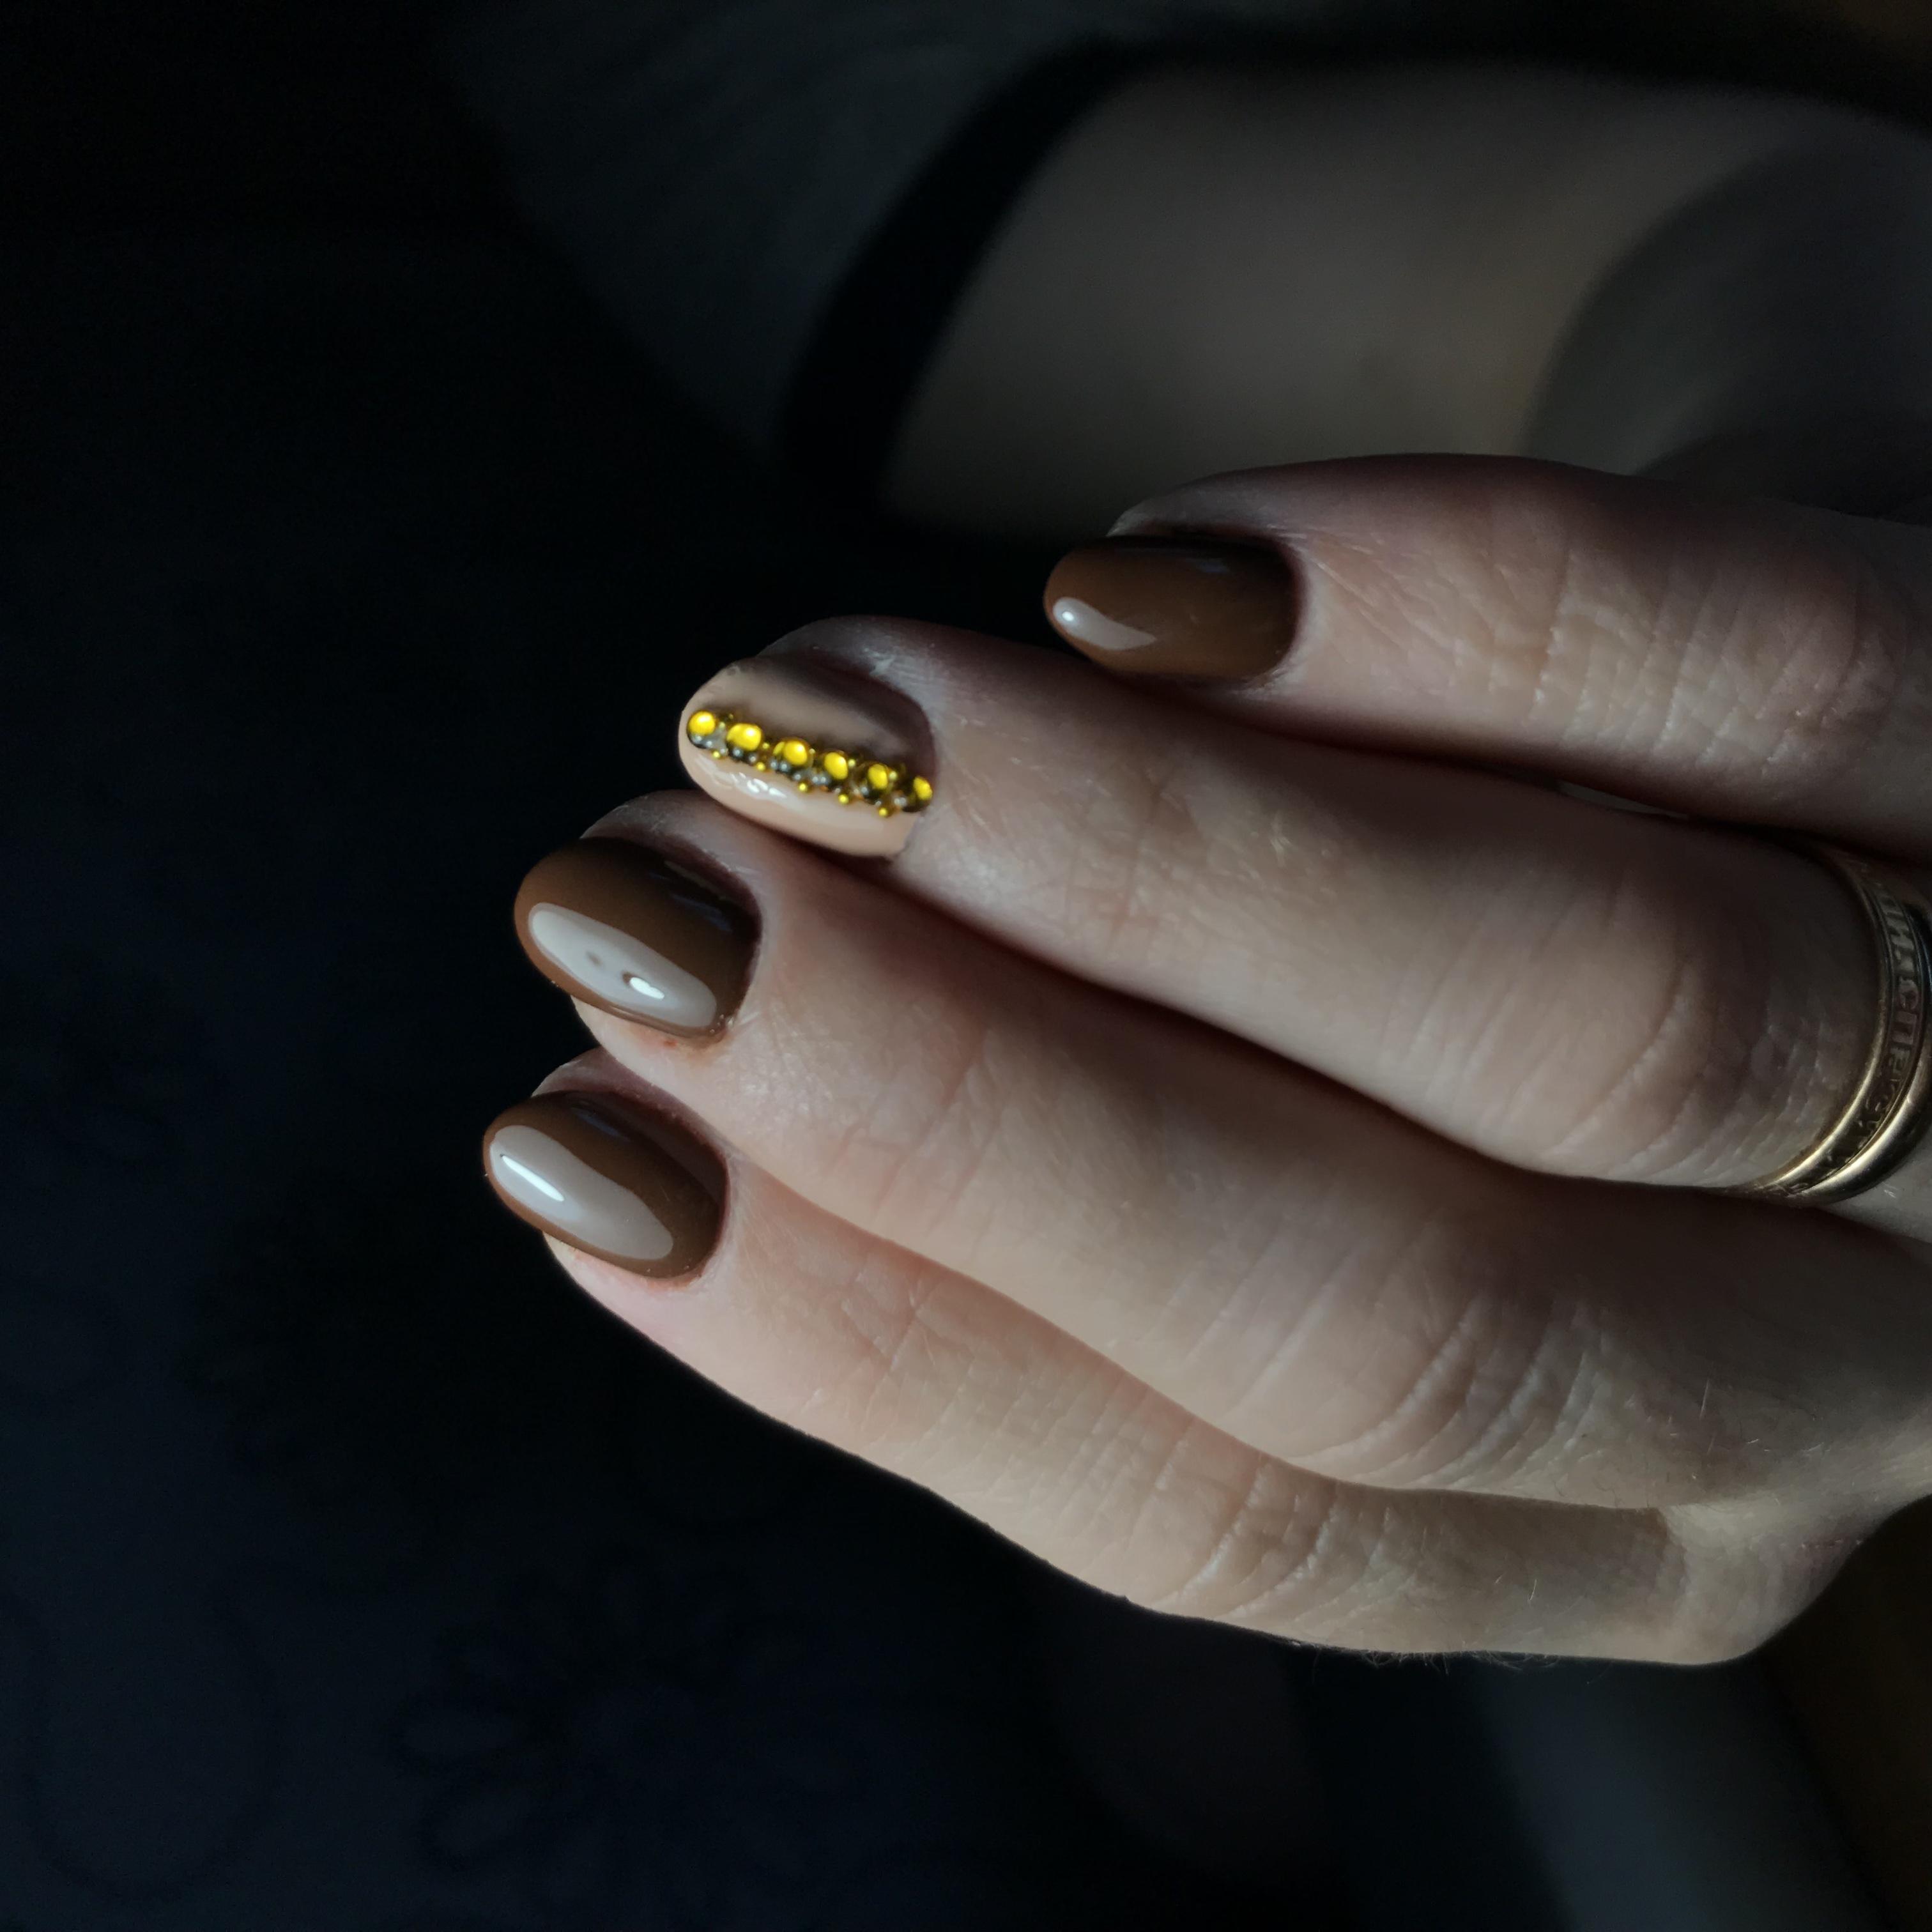 Маникюр со стразами в коричневом цвете.